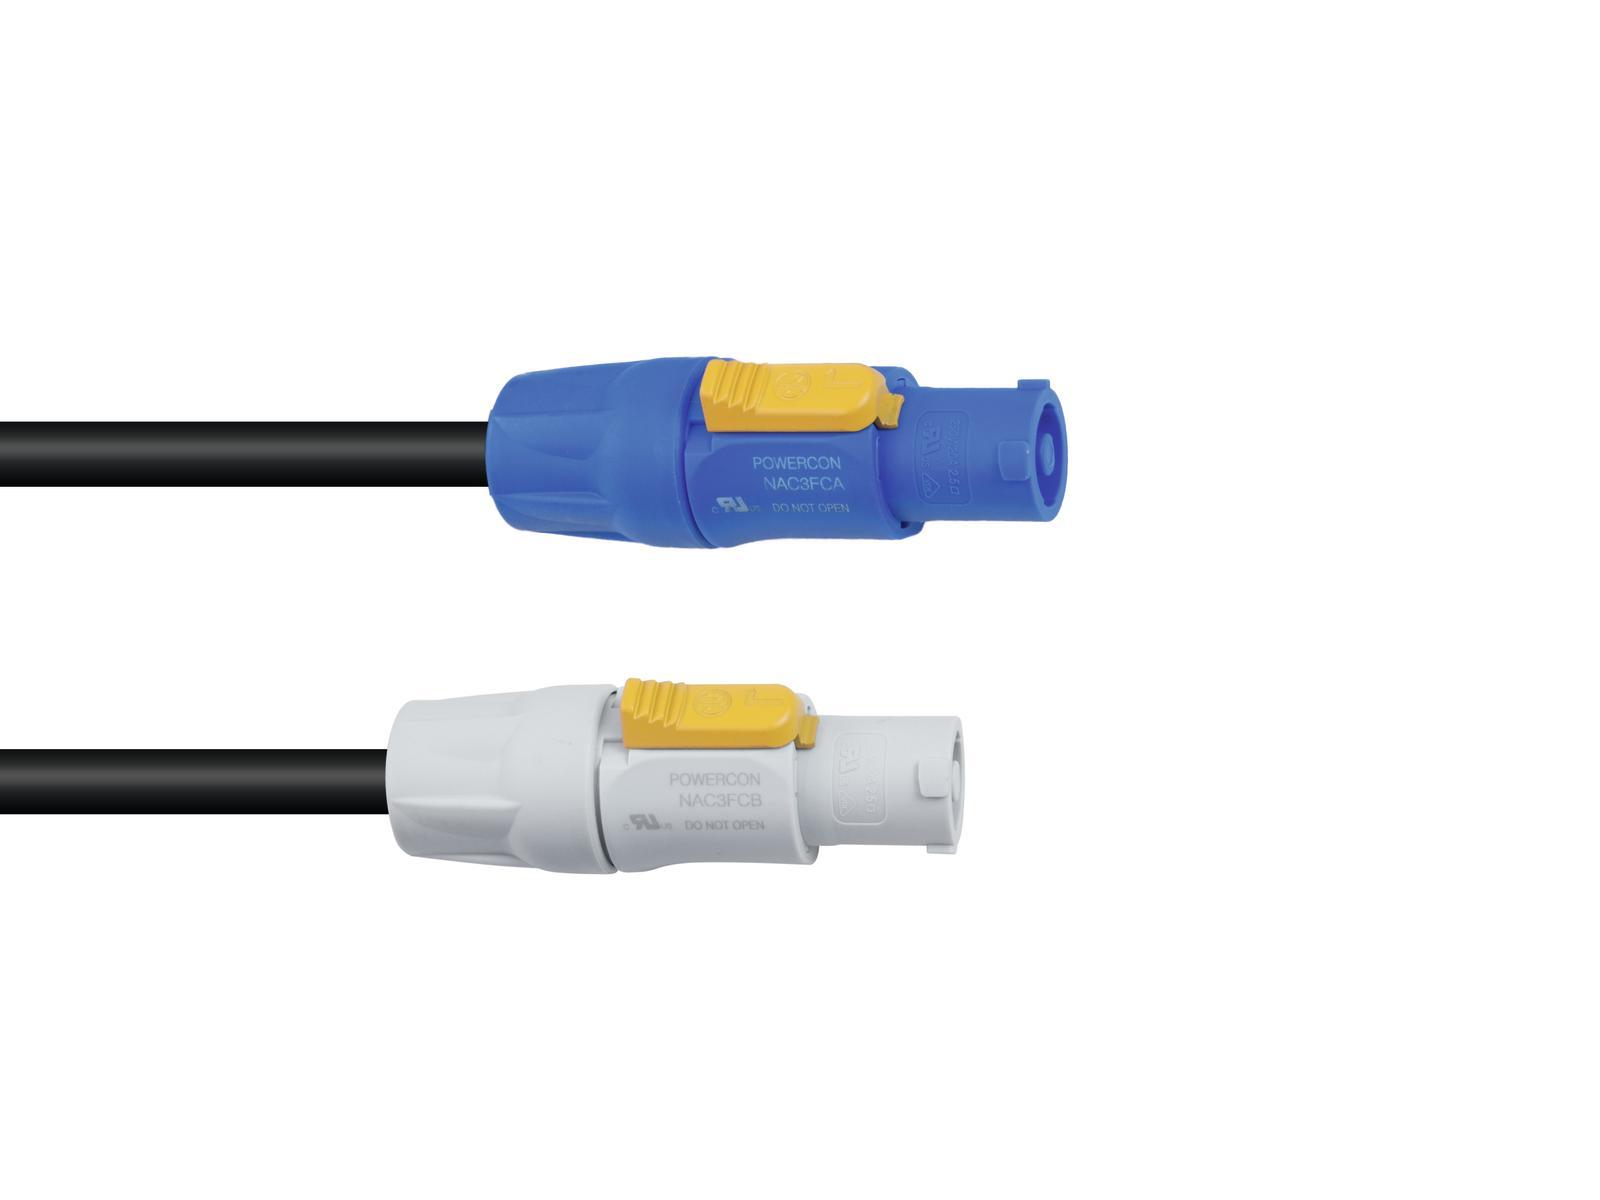 PSSO PowerCon prodlužovací kabel 3x2,5mm, 0,5m